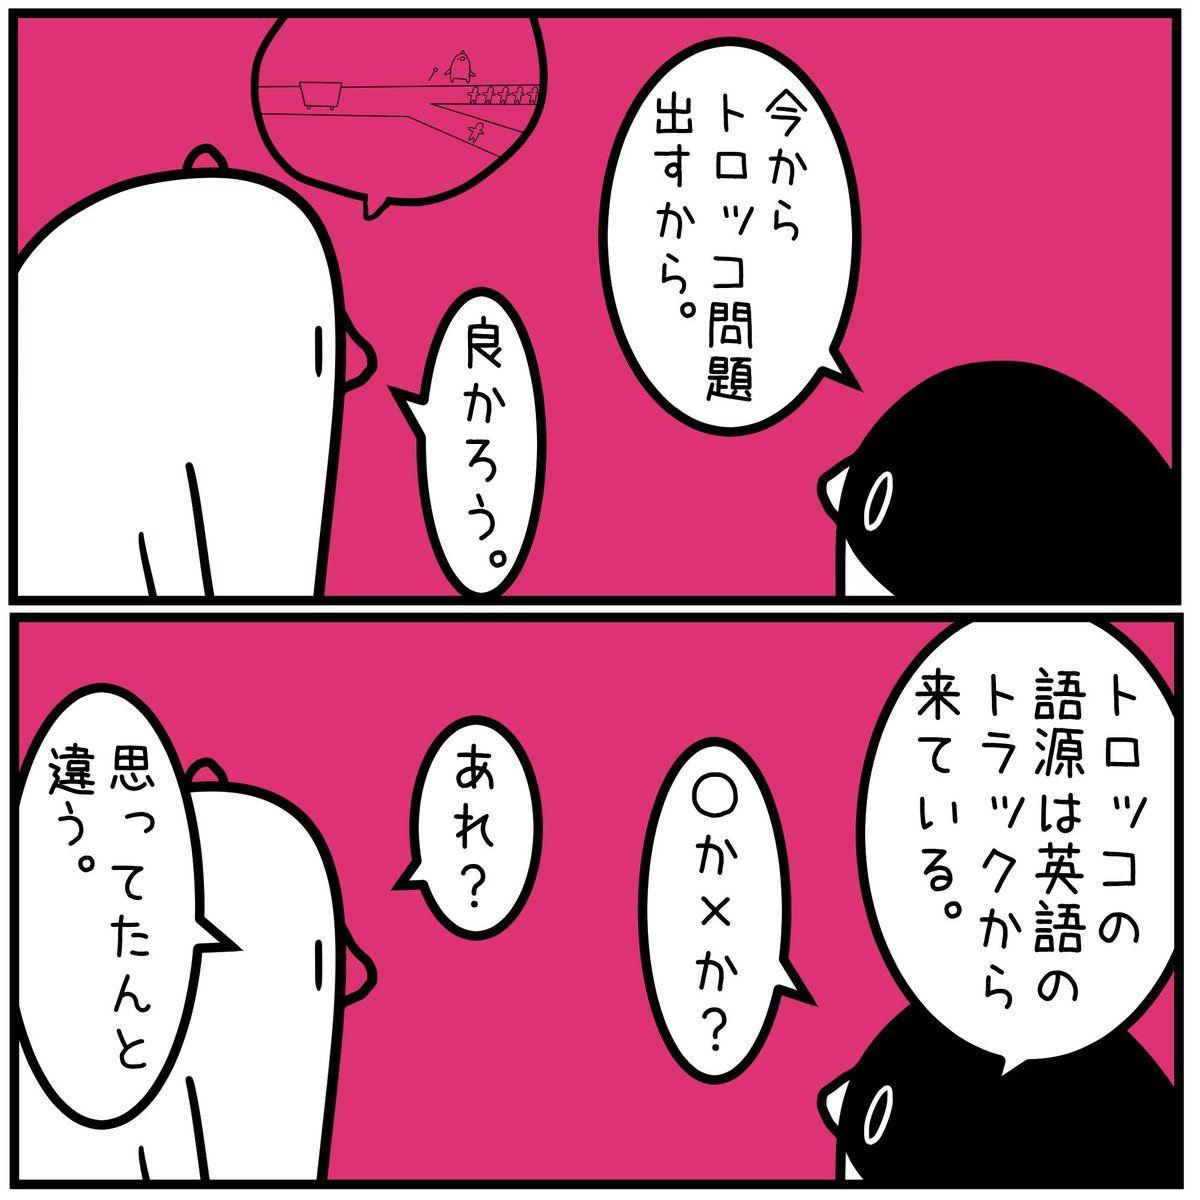 とりのささみ 漫画家 Torinosashimi さん Twitter ペンギン 動画 腹黒